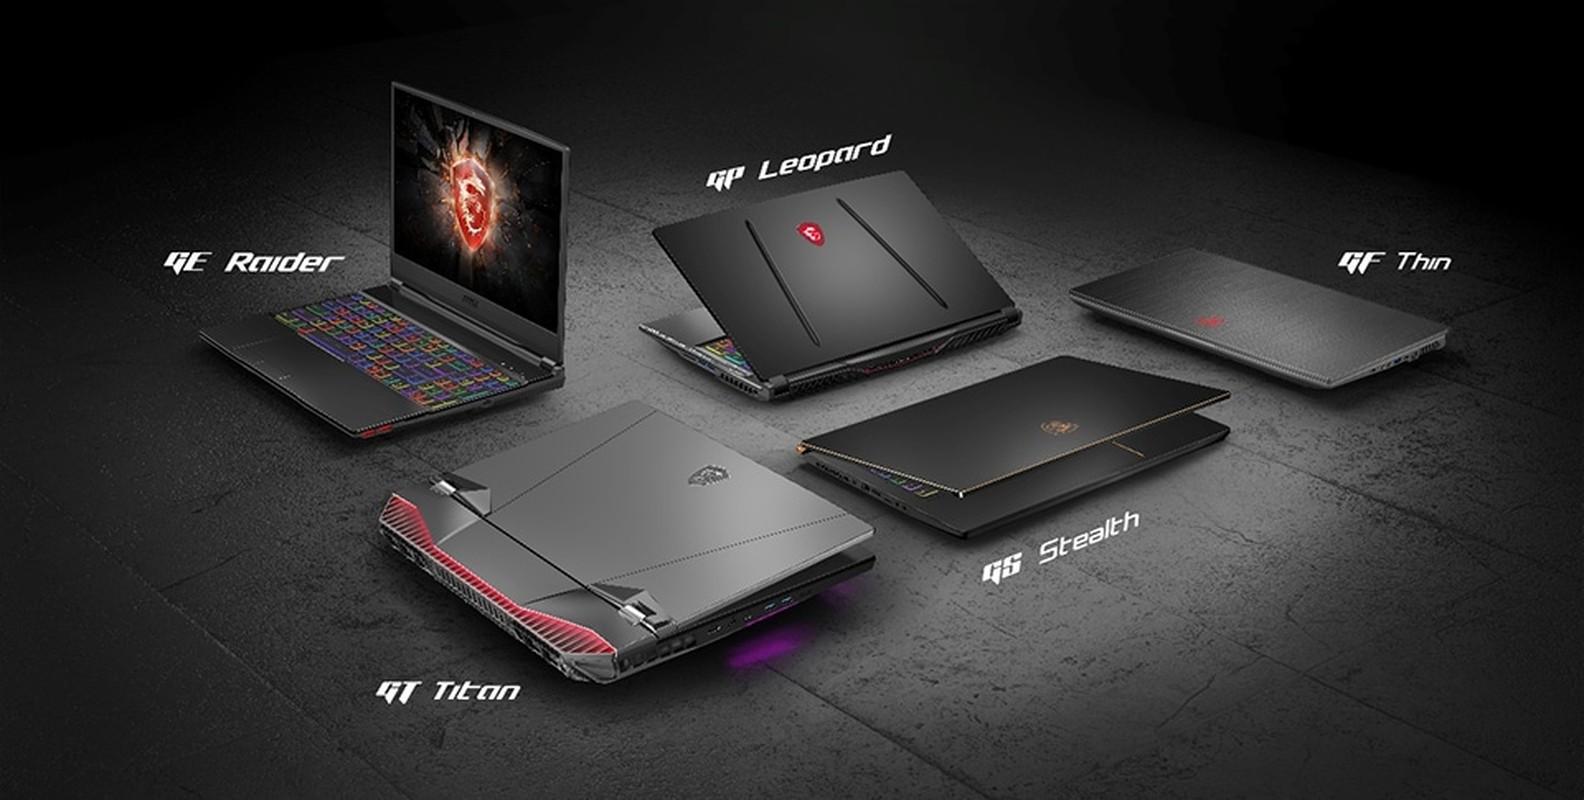 """Apple """"doi so"""" top thuong hieu laptop hang dau the gioi nam 2020-Hinh-5"""